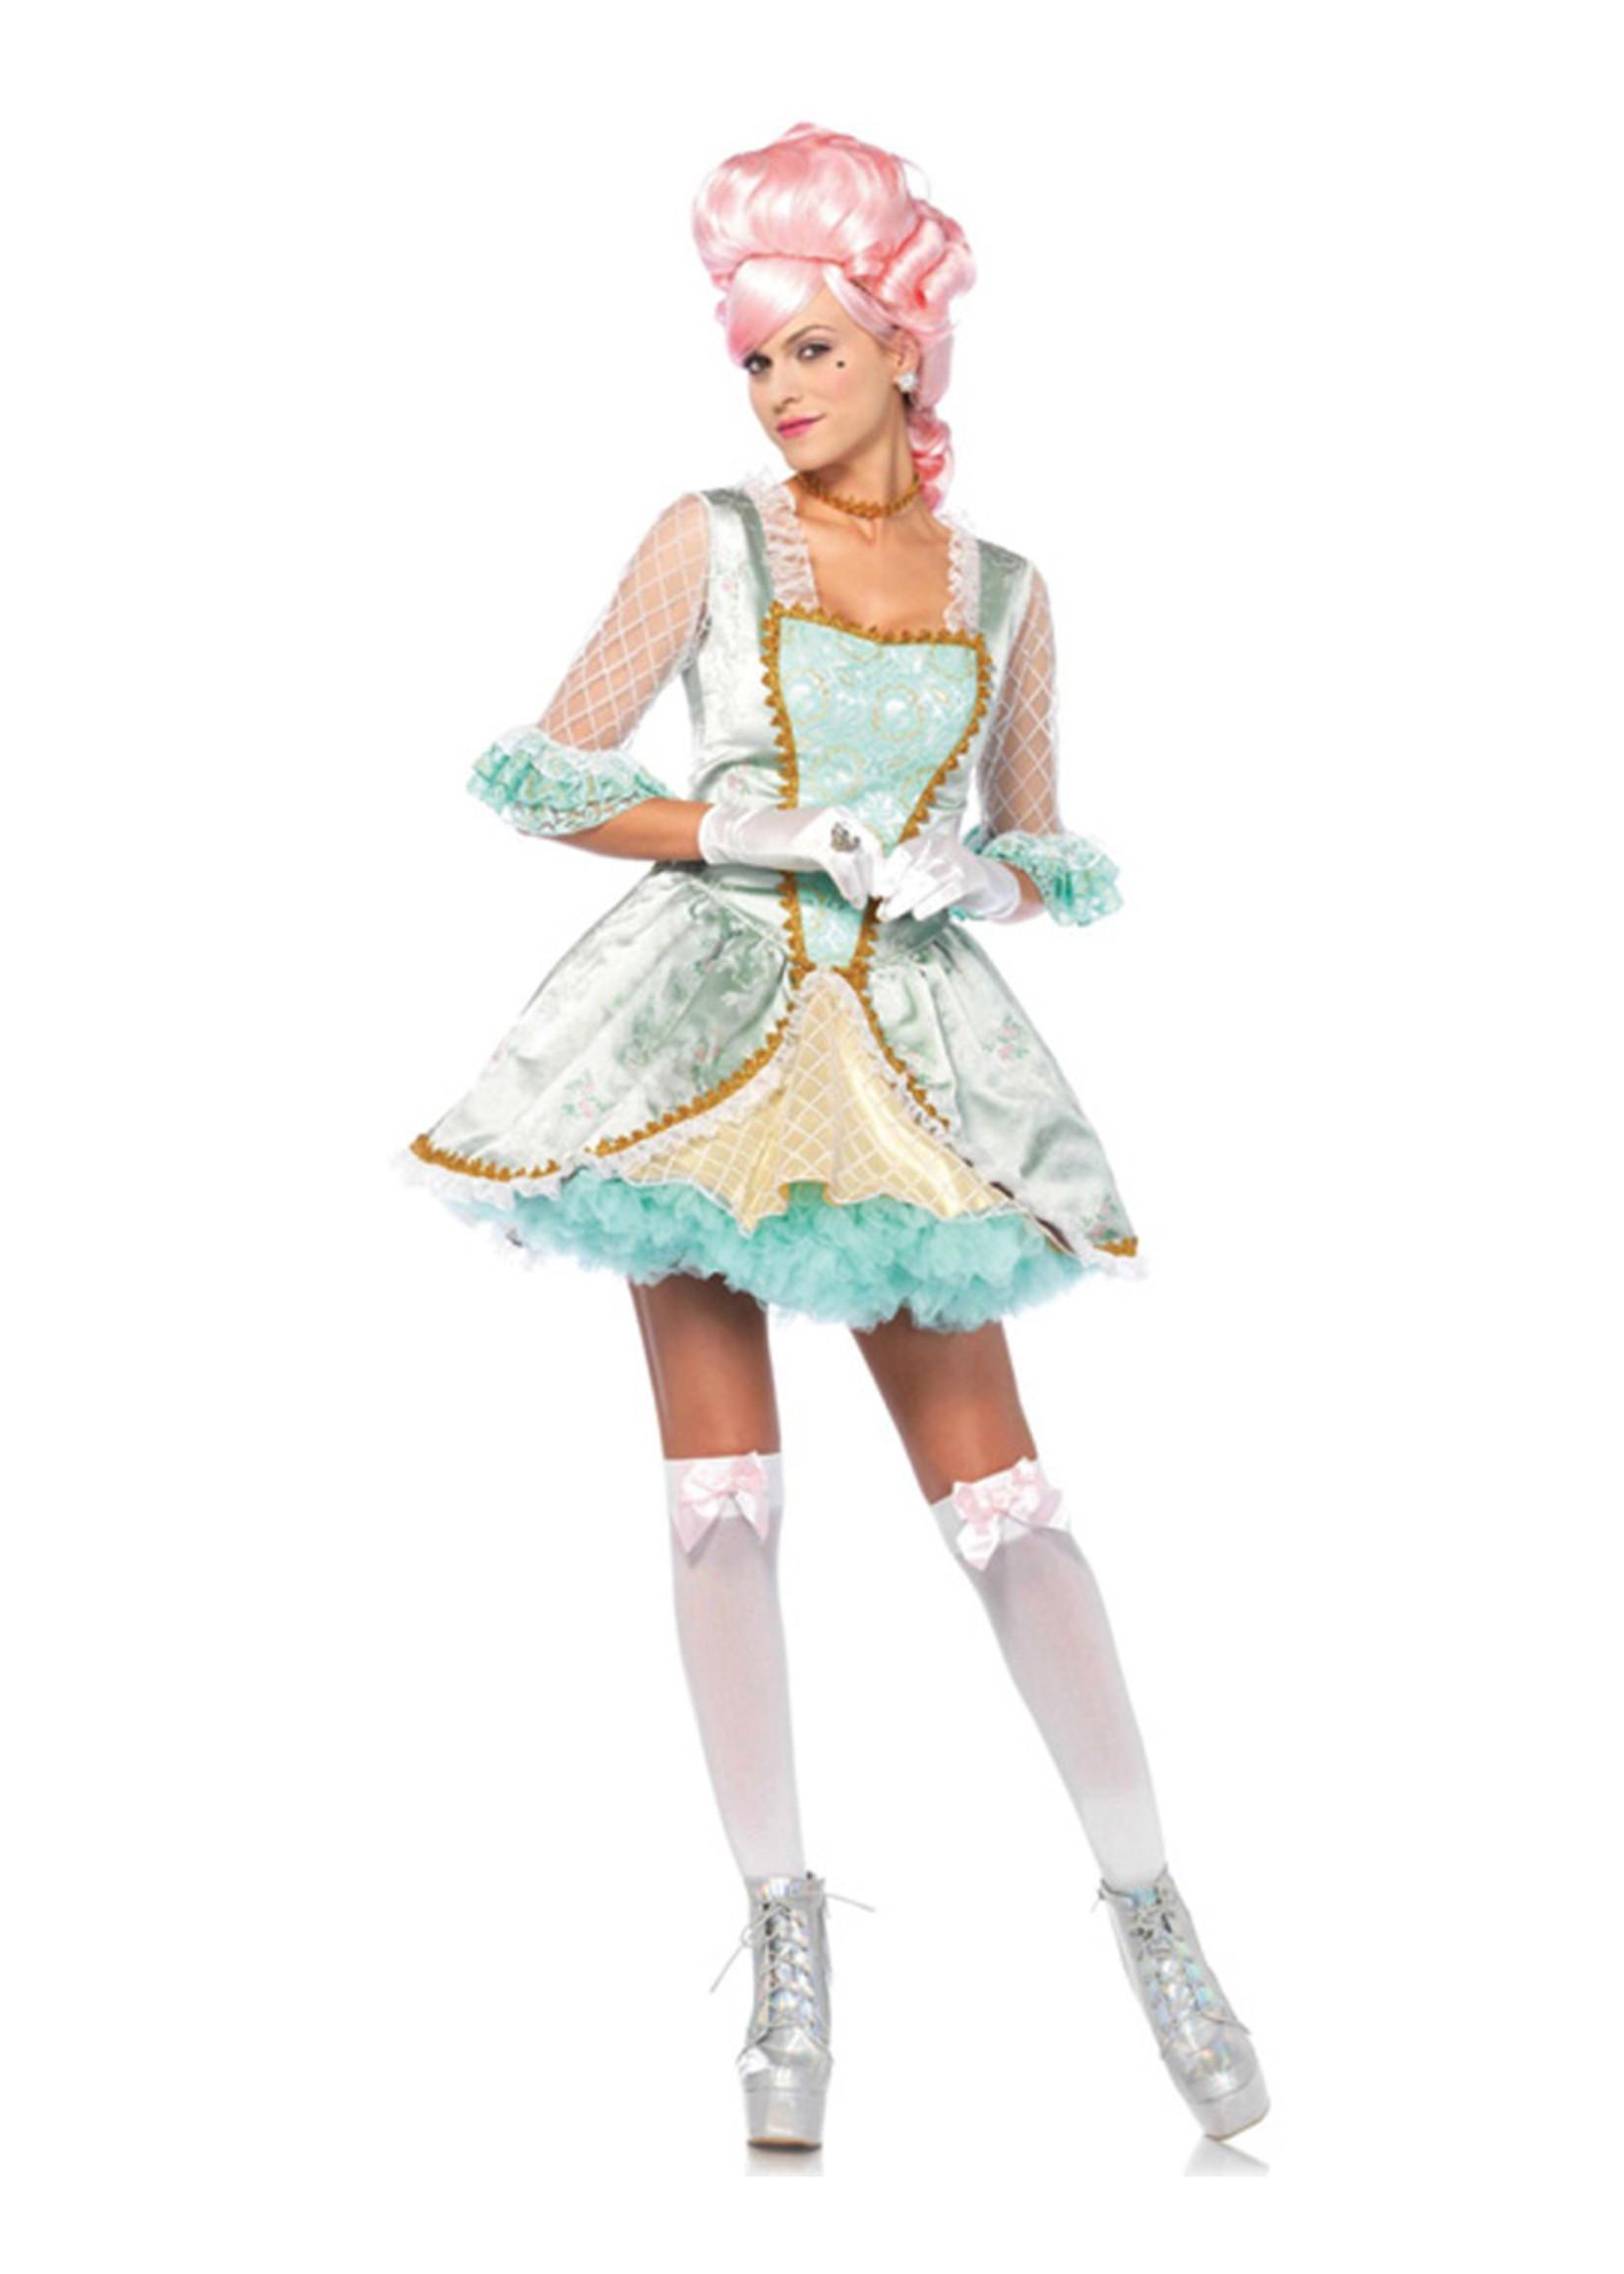 Marie Antoinette Costume - Women's